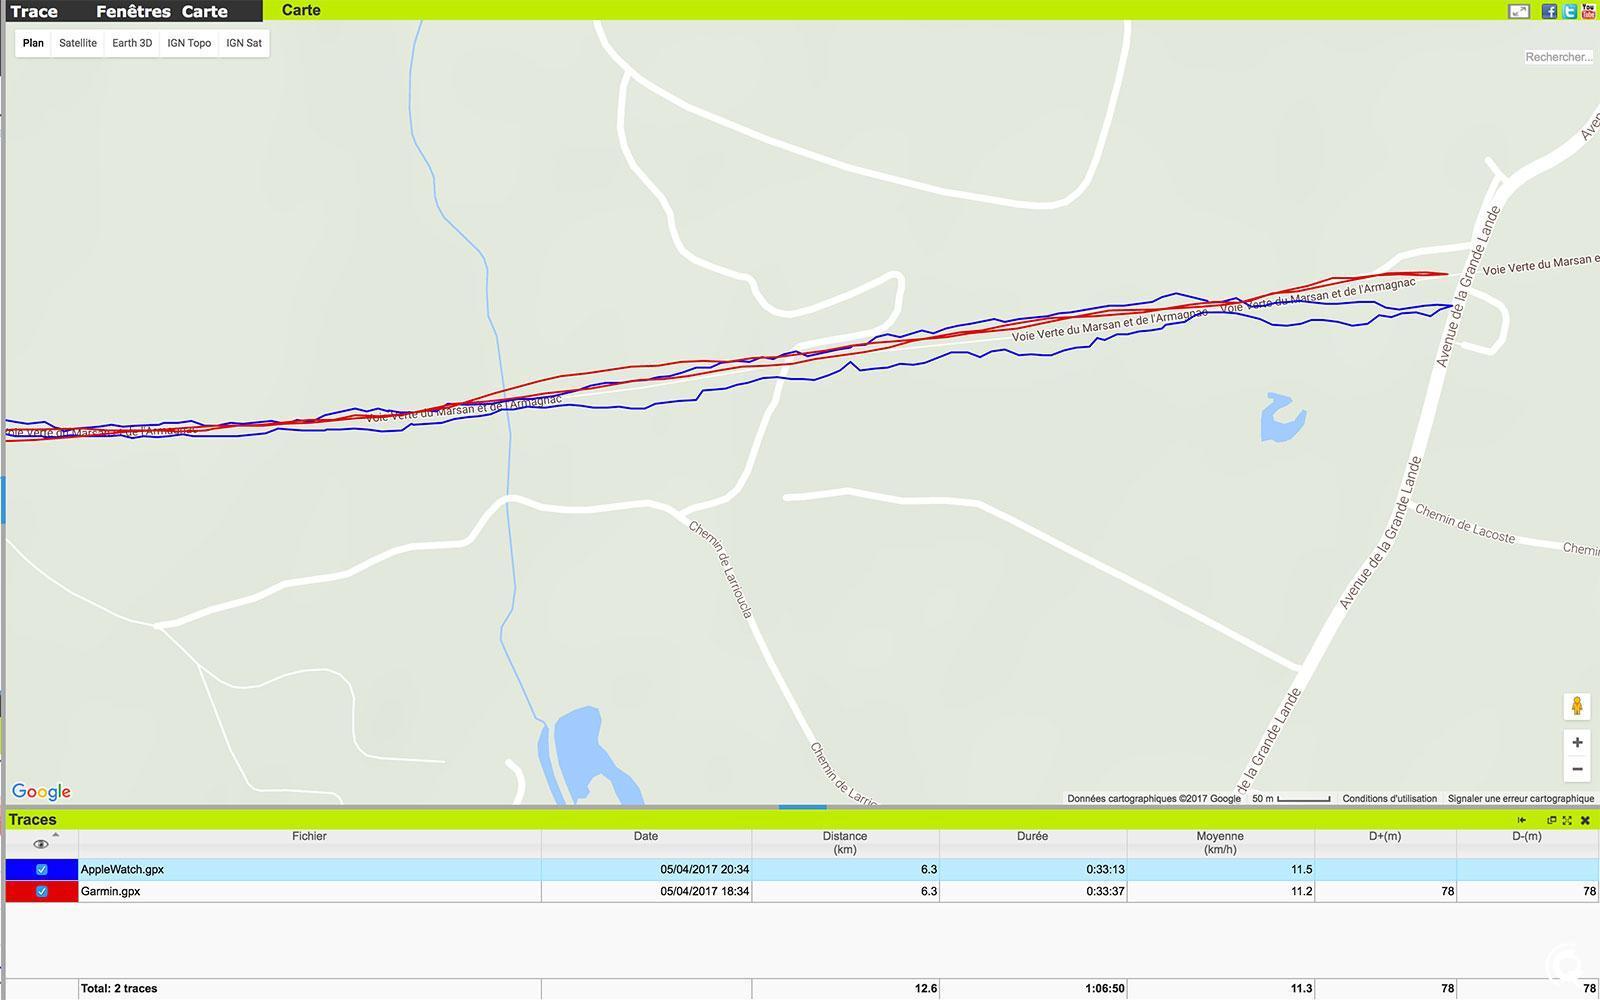 Comparaison de la trace GPS de la Garmin 220 et de l'Apple Watch Series 2